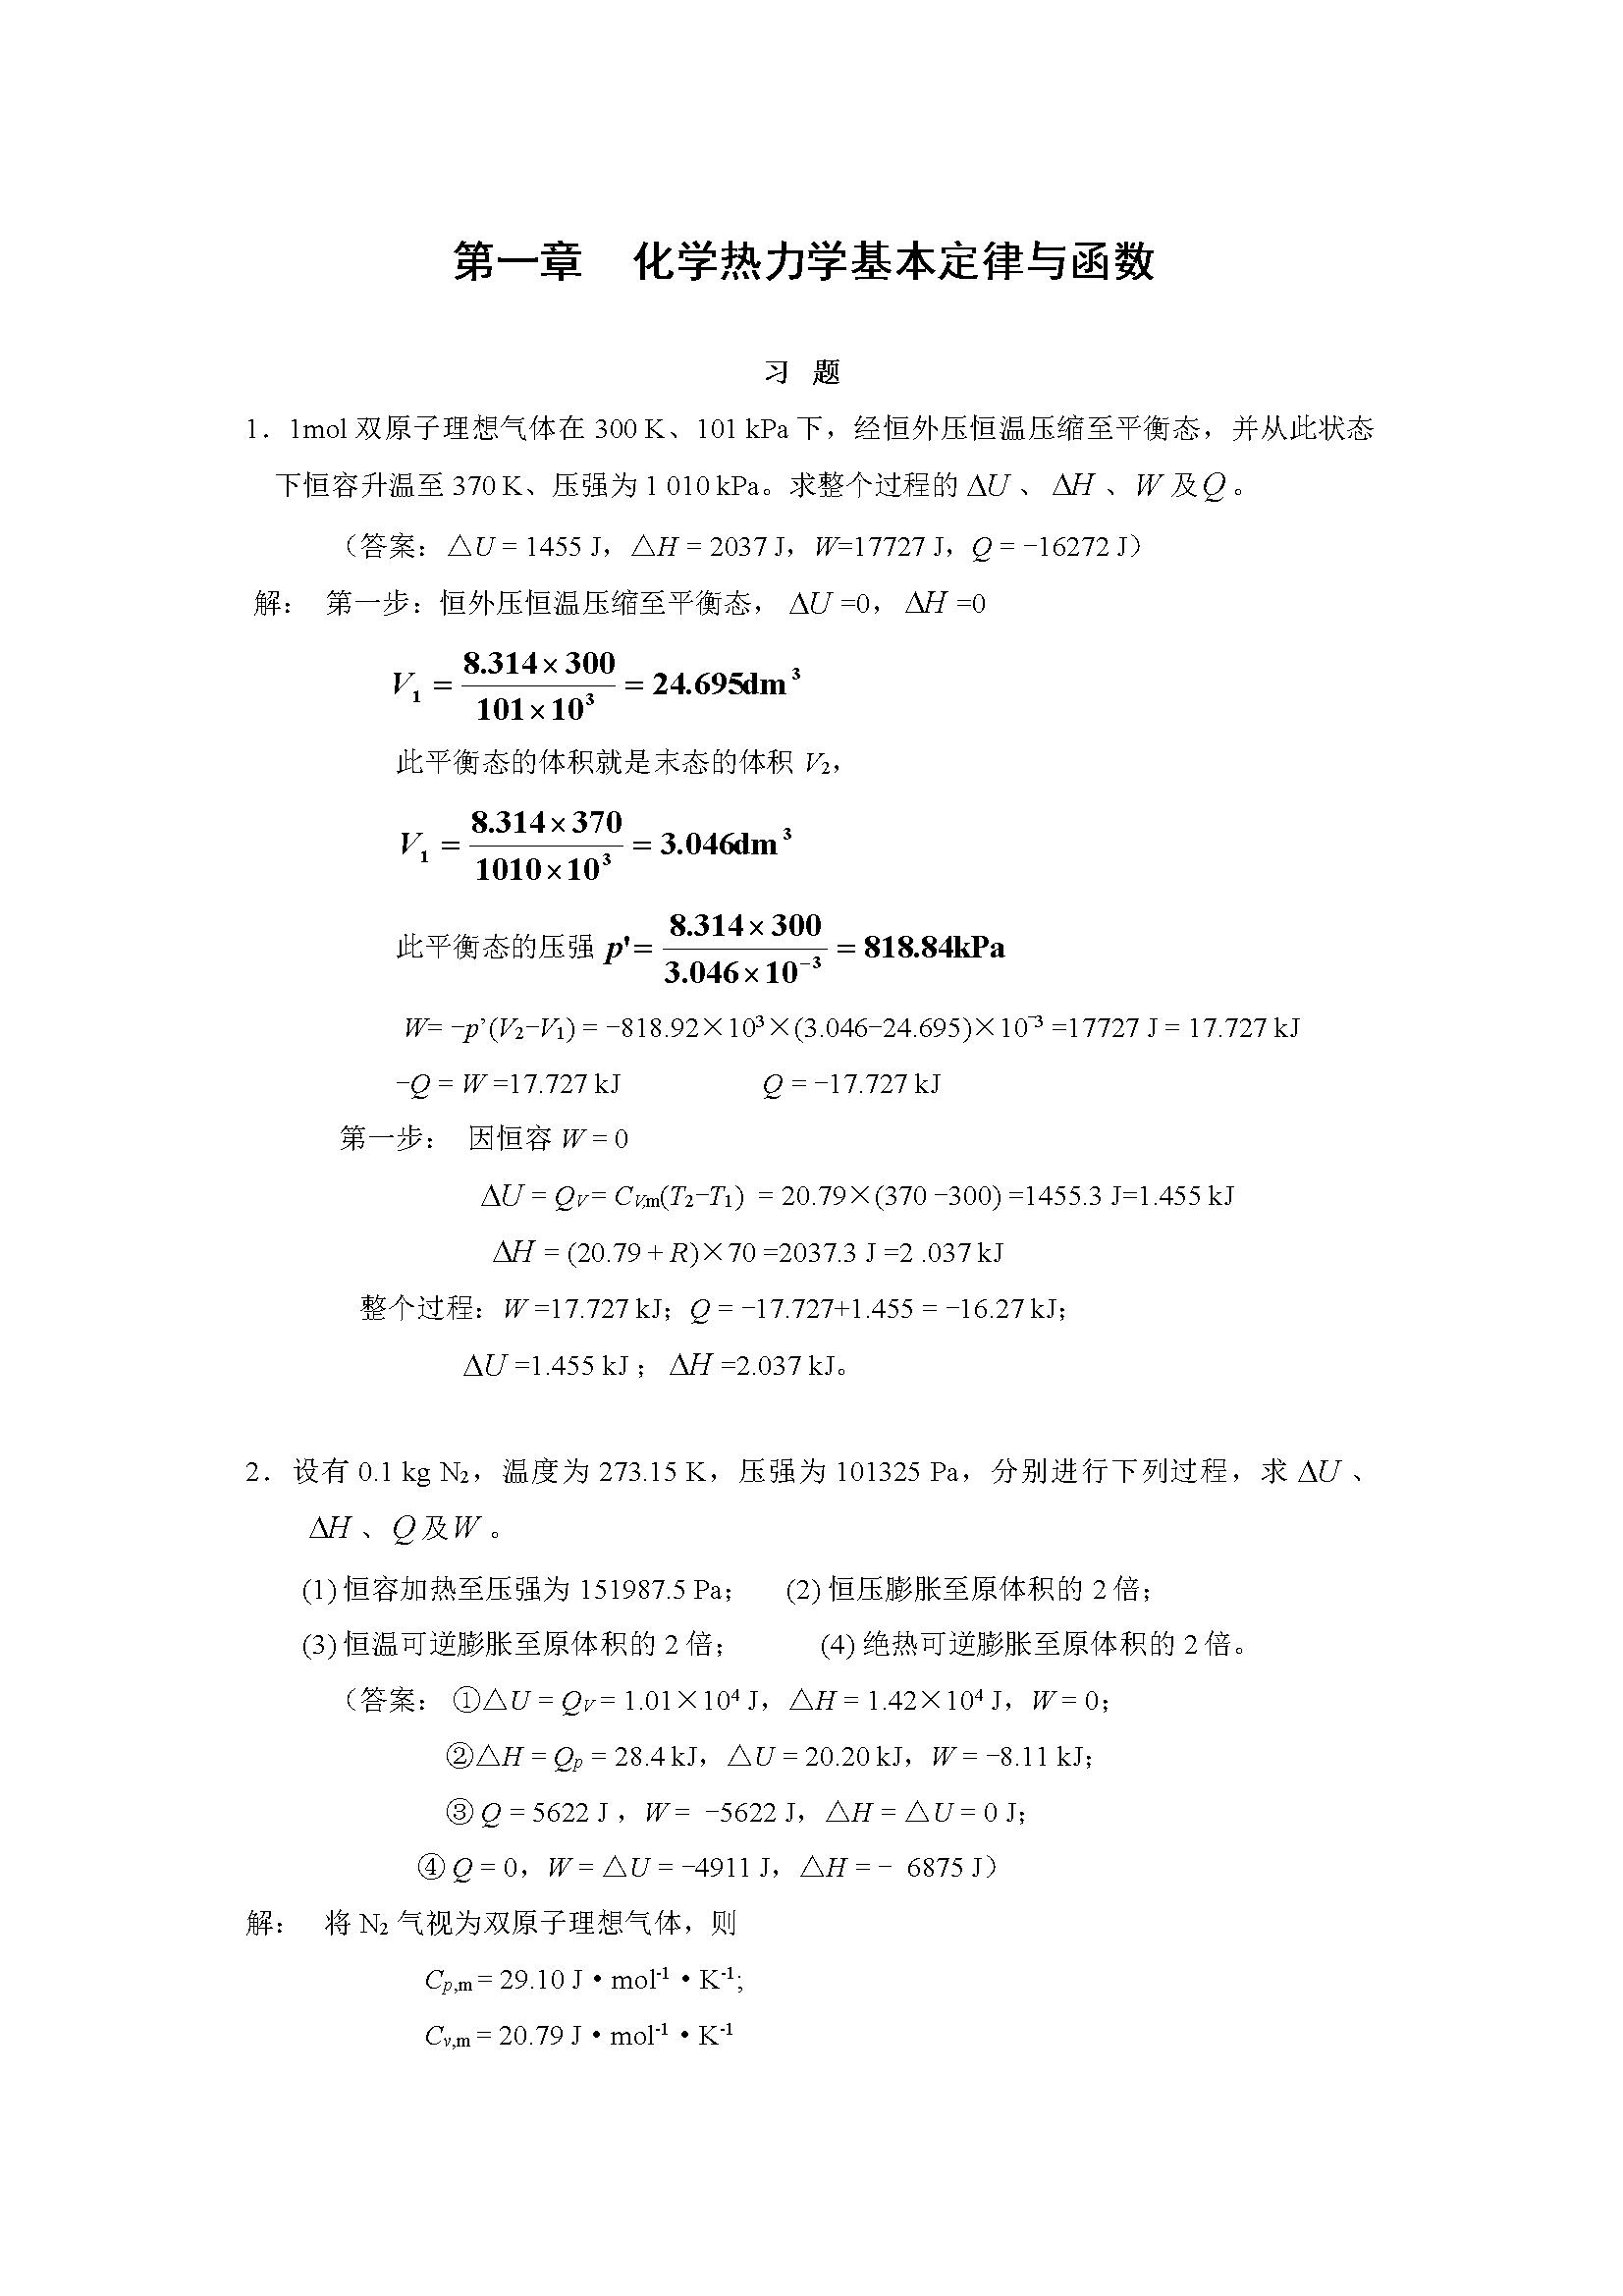 中南大学 物理化学答案 陈启元